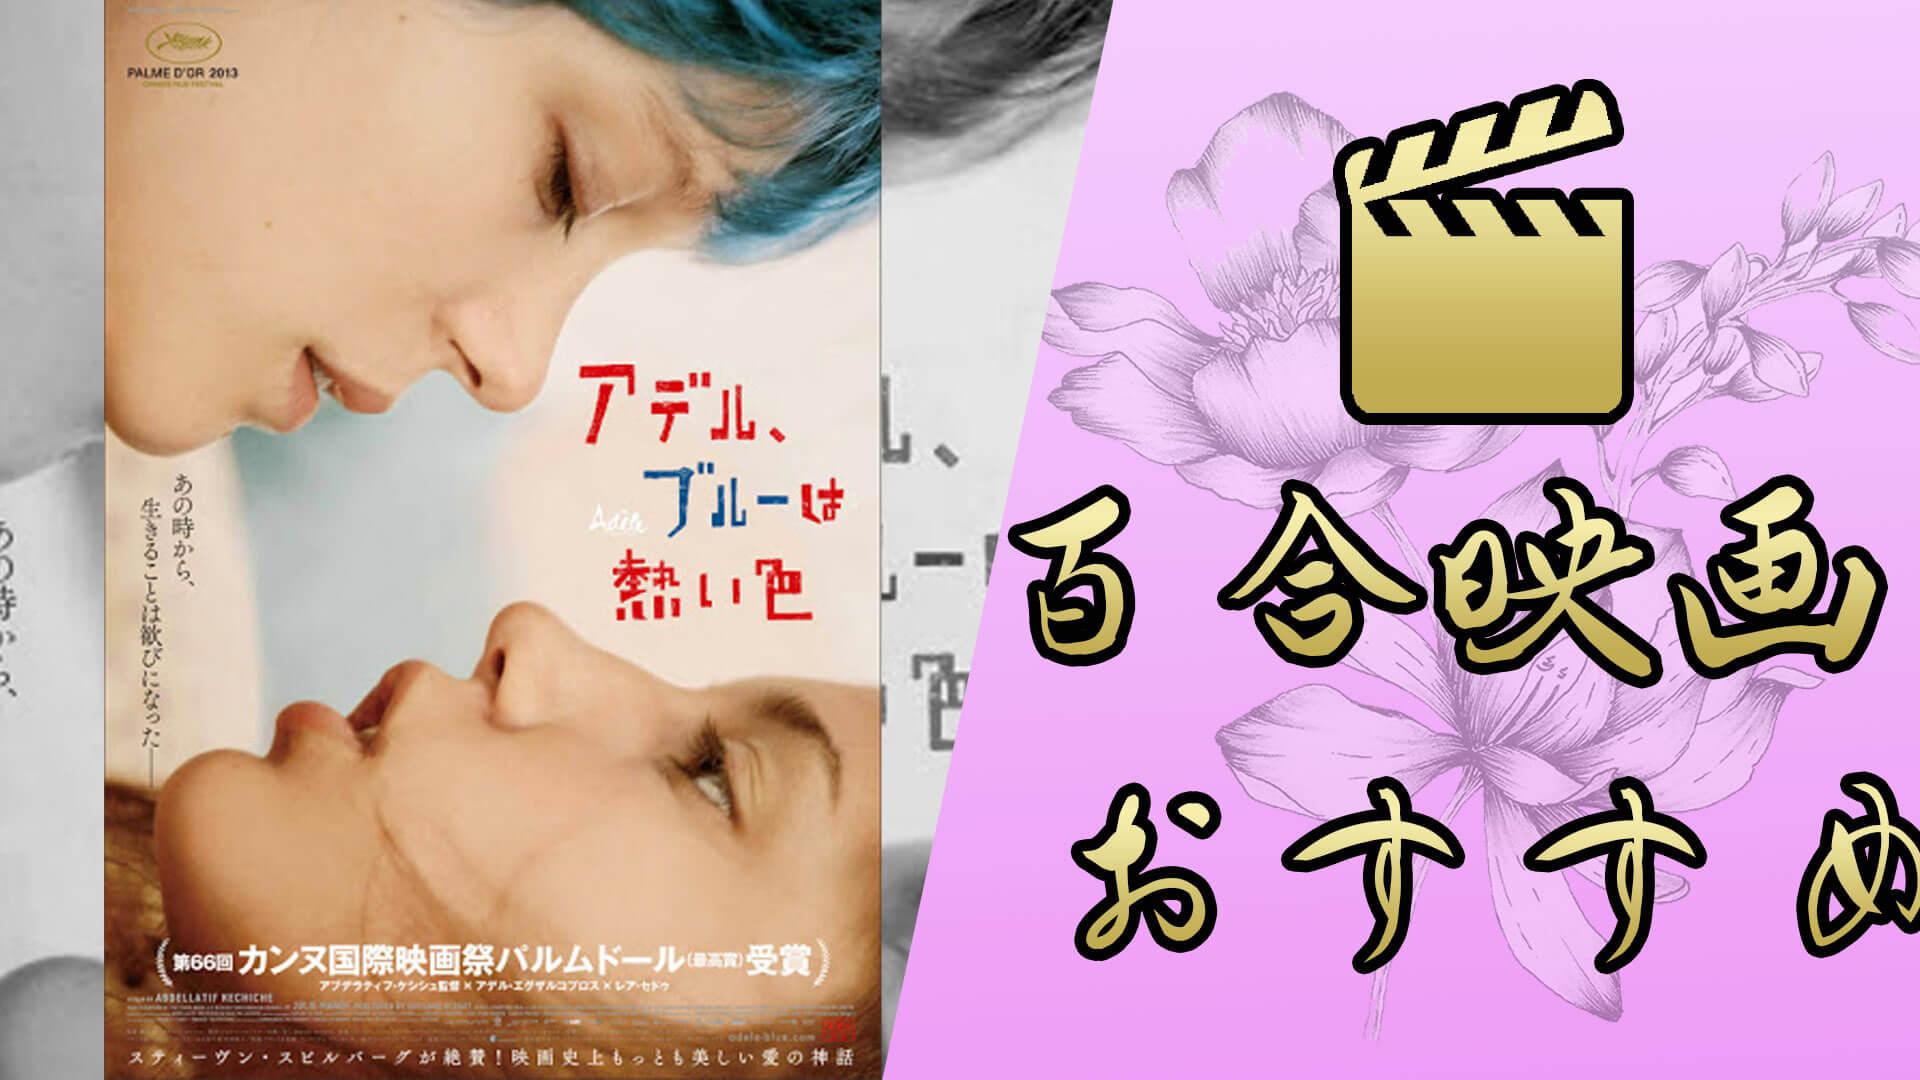 レズビアン・百合映画おすすめ